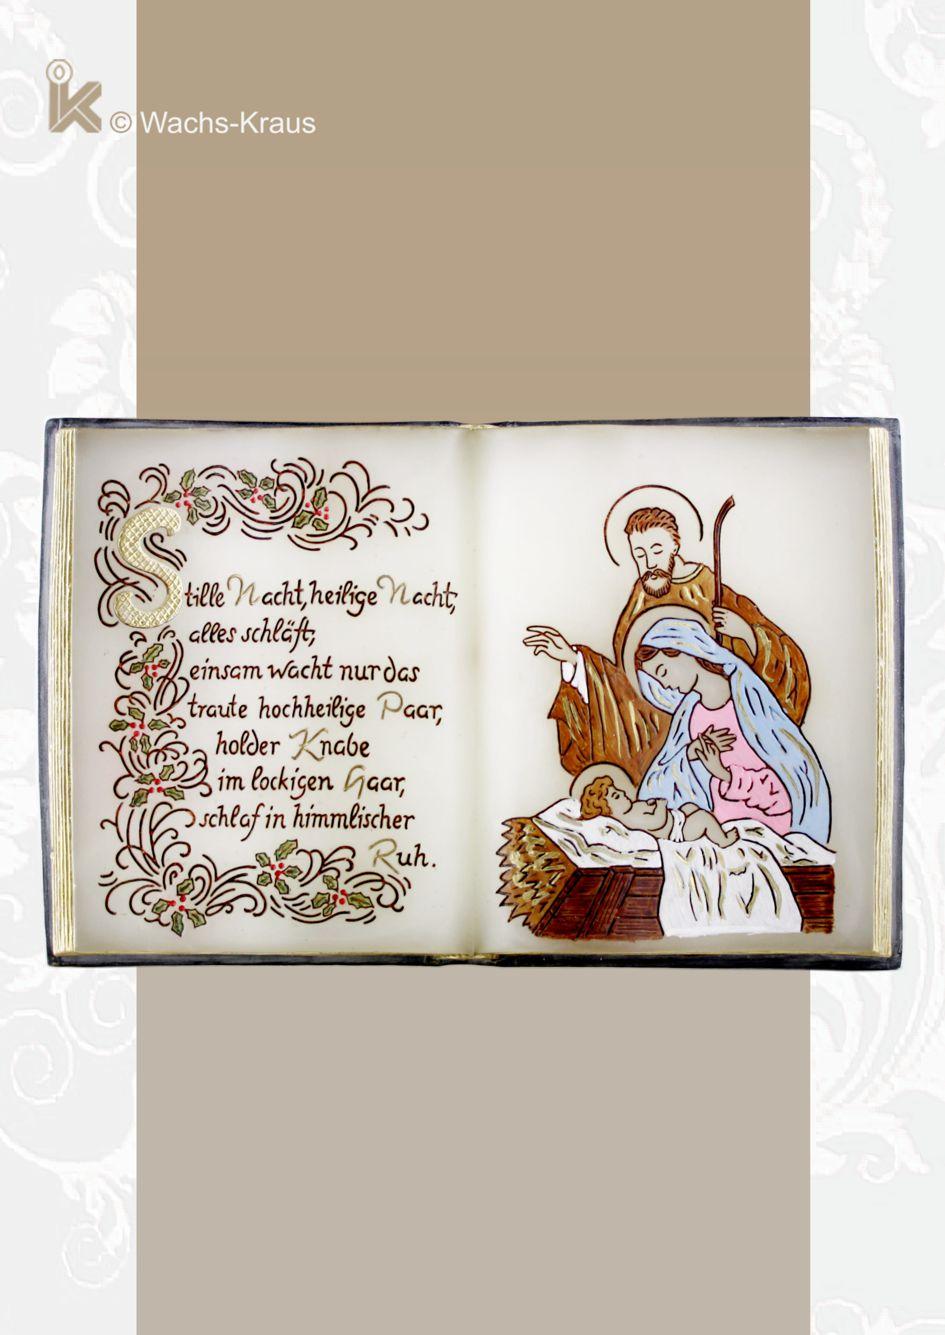 Wachsbuch Stille Nacht mit hl. Familie fein bemalt